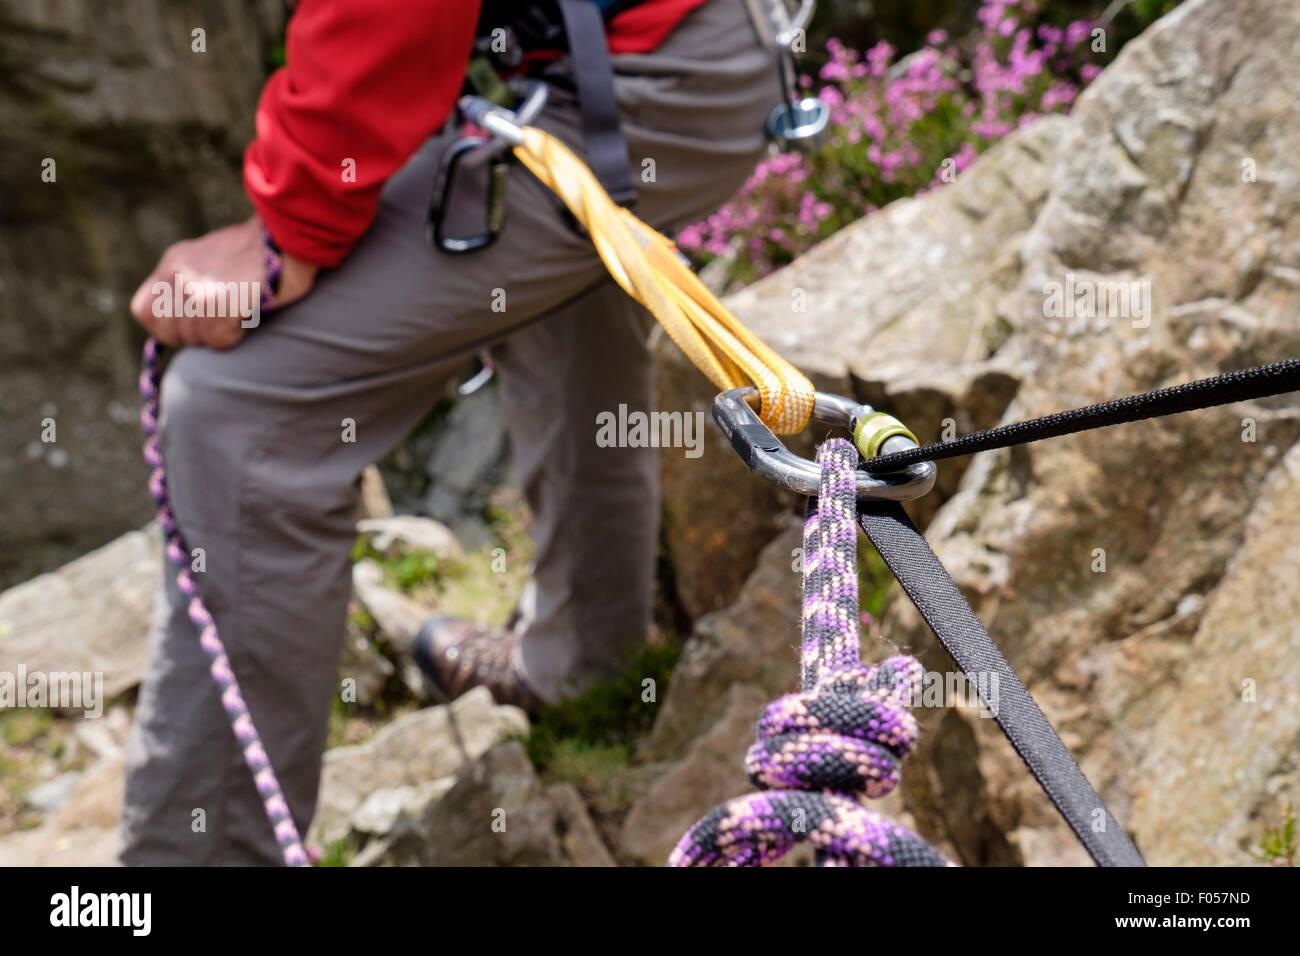 Bergsteiger mit einem Rock Kletterseil in Absicherbare gebunden bei einem Aufstieg mit Klebeband und Karabiner. Stockbild